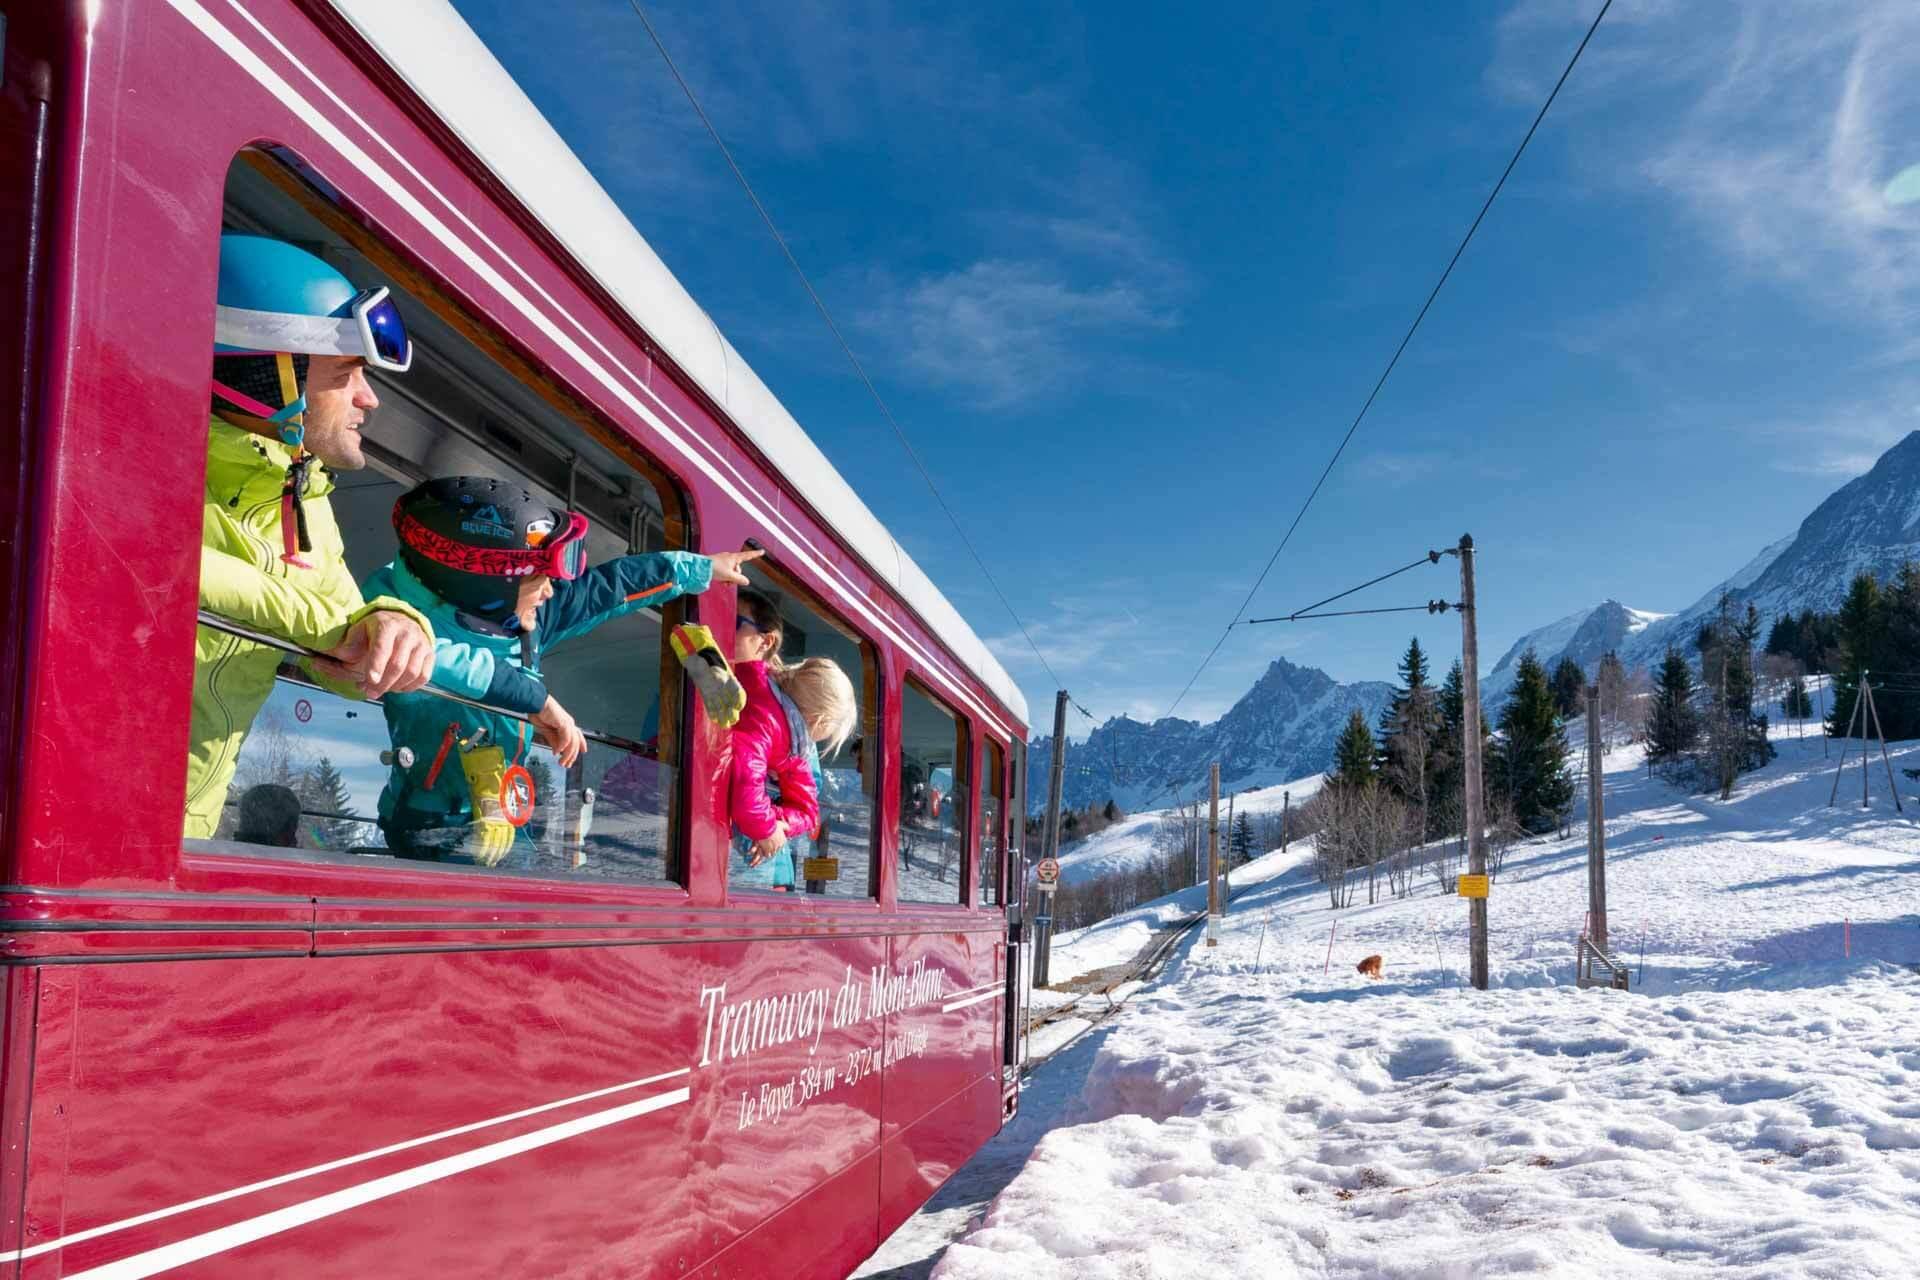 Le célèbre Tramway du Mont-Blanc qui permet de rejoindre le domaine skiable Les Houches Saint-Gervais ©Boris Molinier